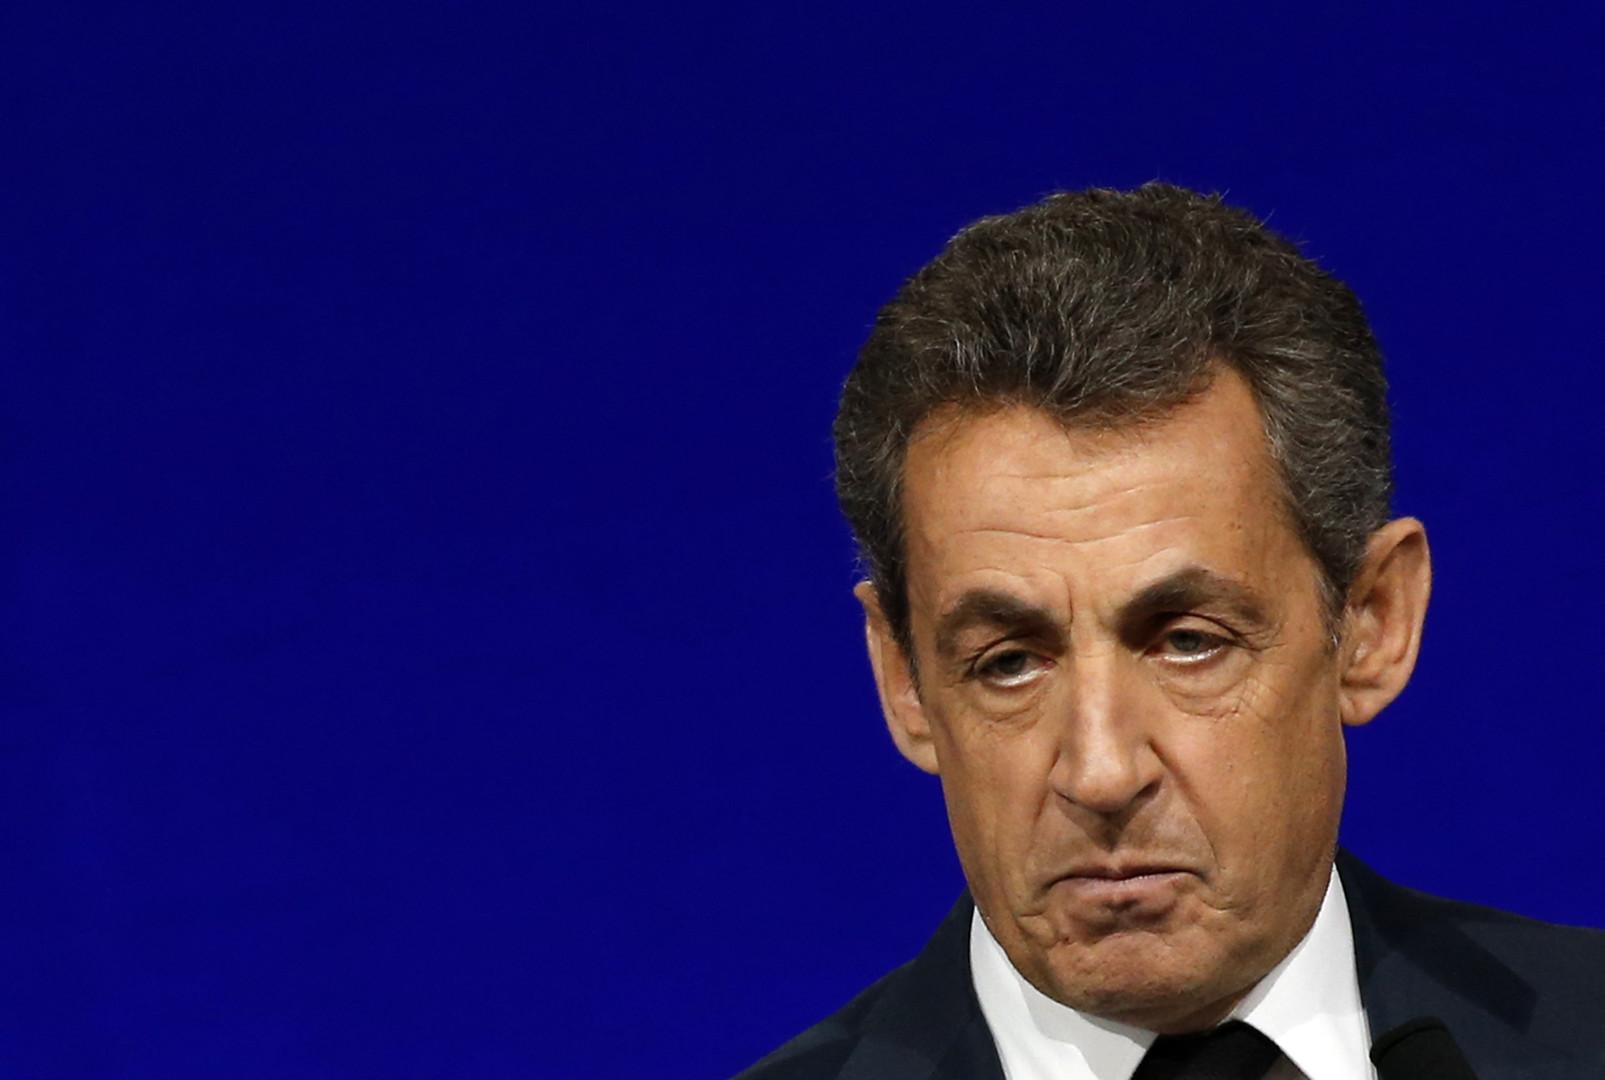 Nicolas Sarkozy était le président en exercice lors du conflit libyen.